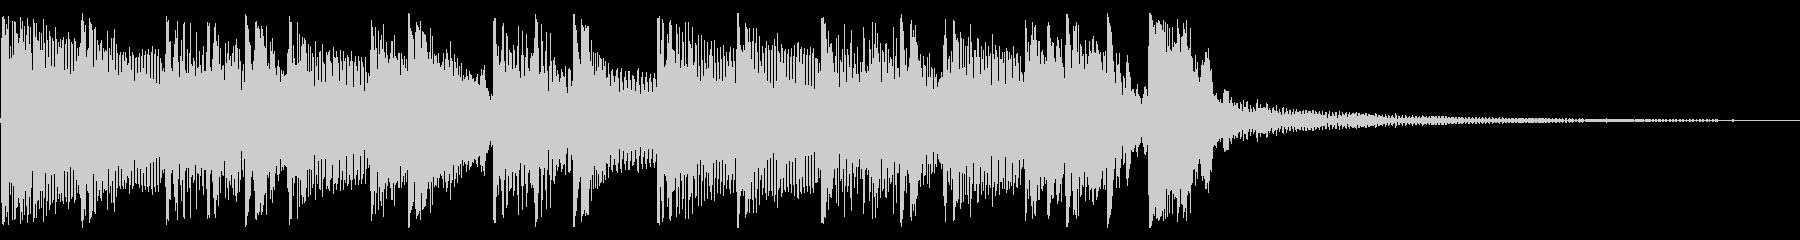 パンキッシュなロックジングル05の未再生の波形